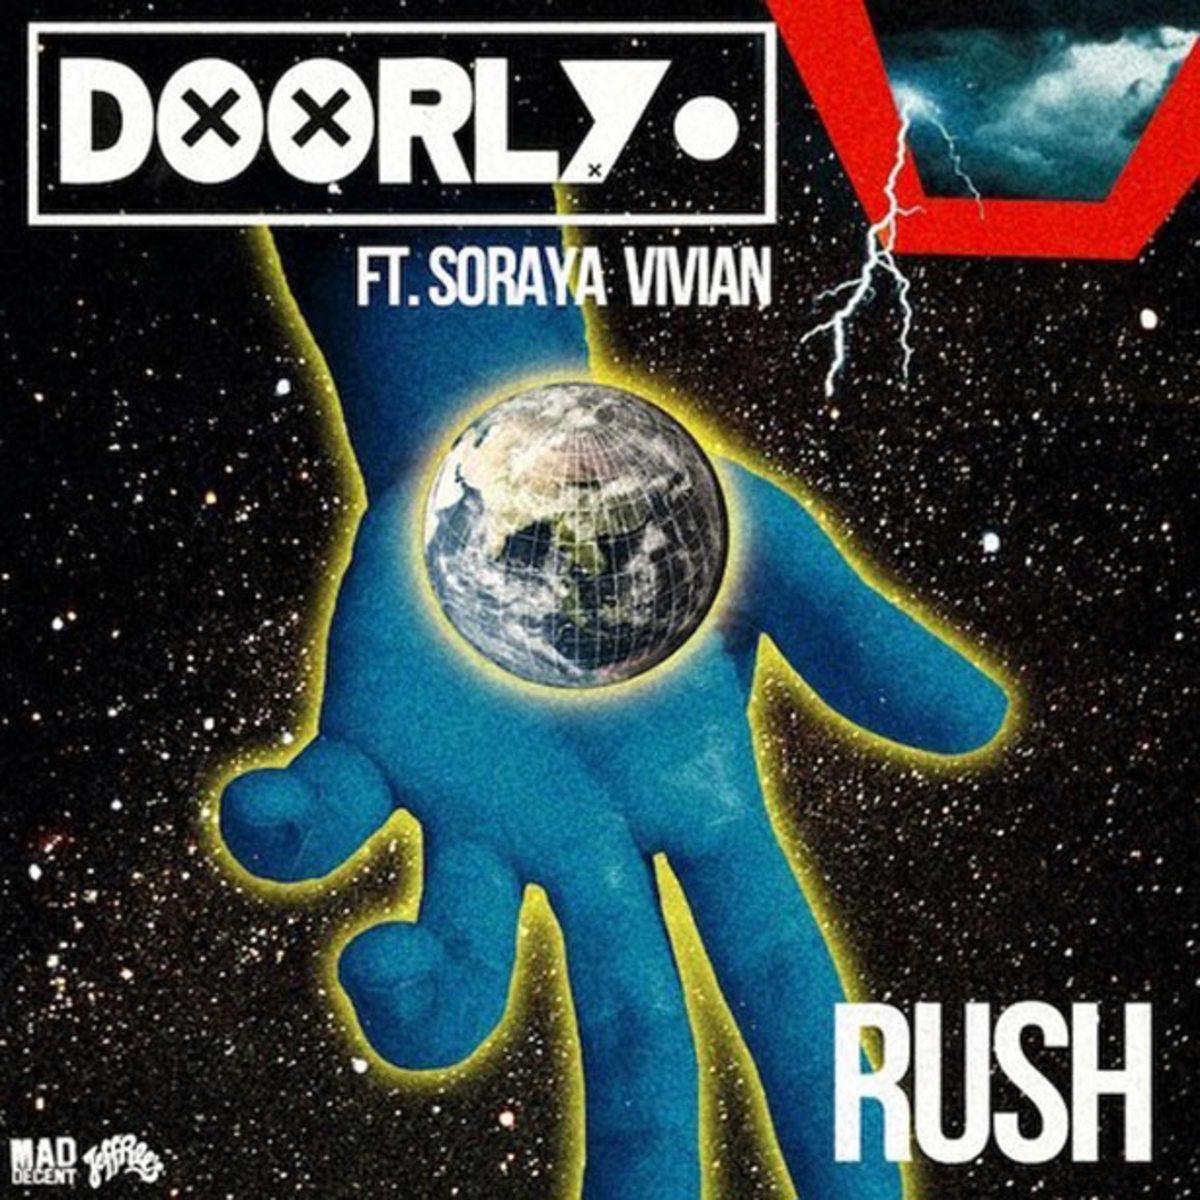 """Free Download: Doorly Featuring Soraya Vivian """"Rush"""" DJ Yoda Remix"""